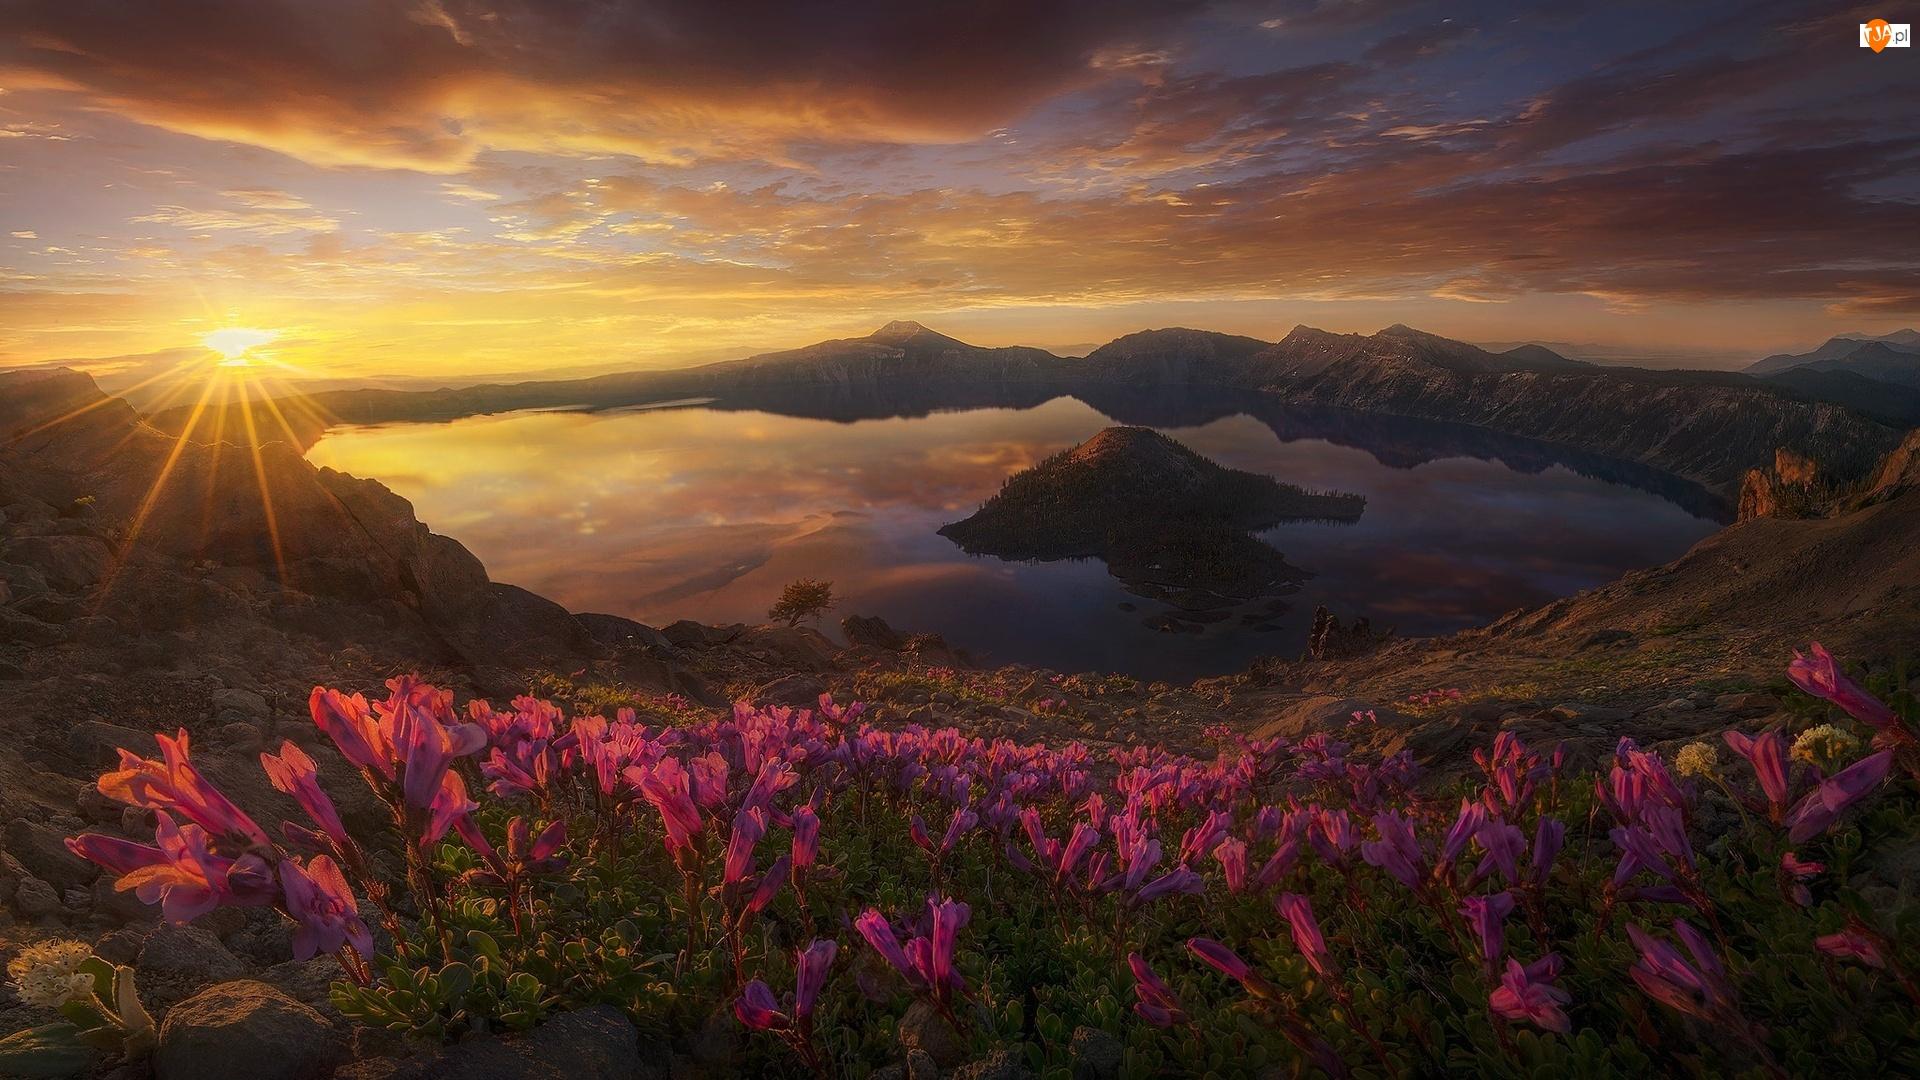 Jezioro Kraterowe, Góry, Stan Oregon, Promienie słońca, Stany Zjednoczone, Kwiaty, Wyspa Czarodzieja, Zachód Słońca